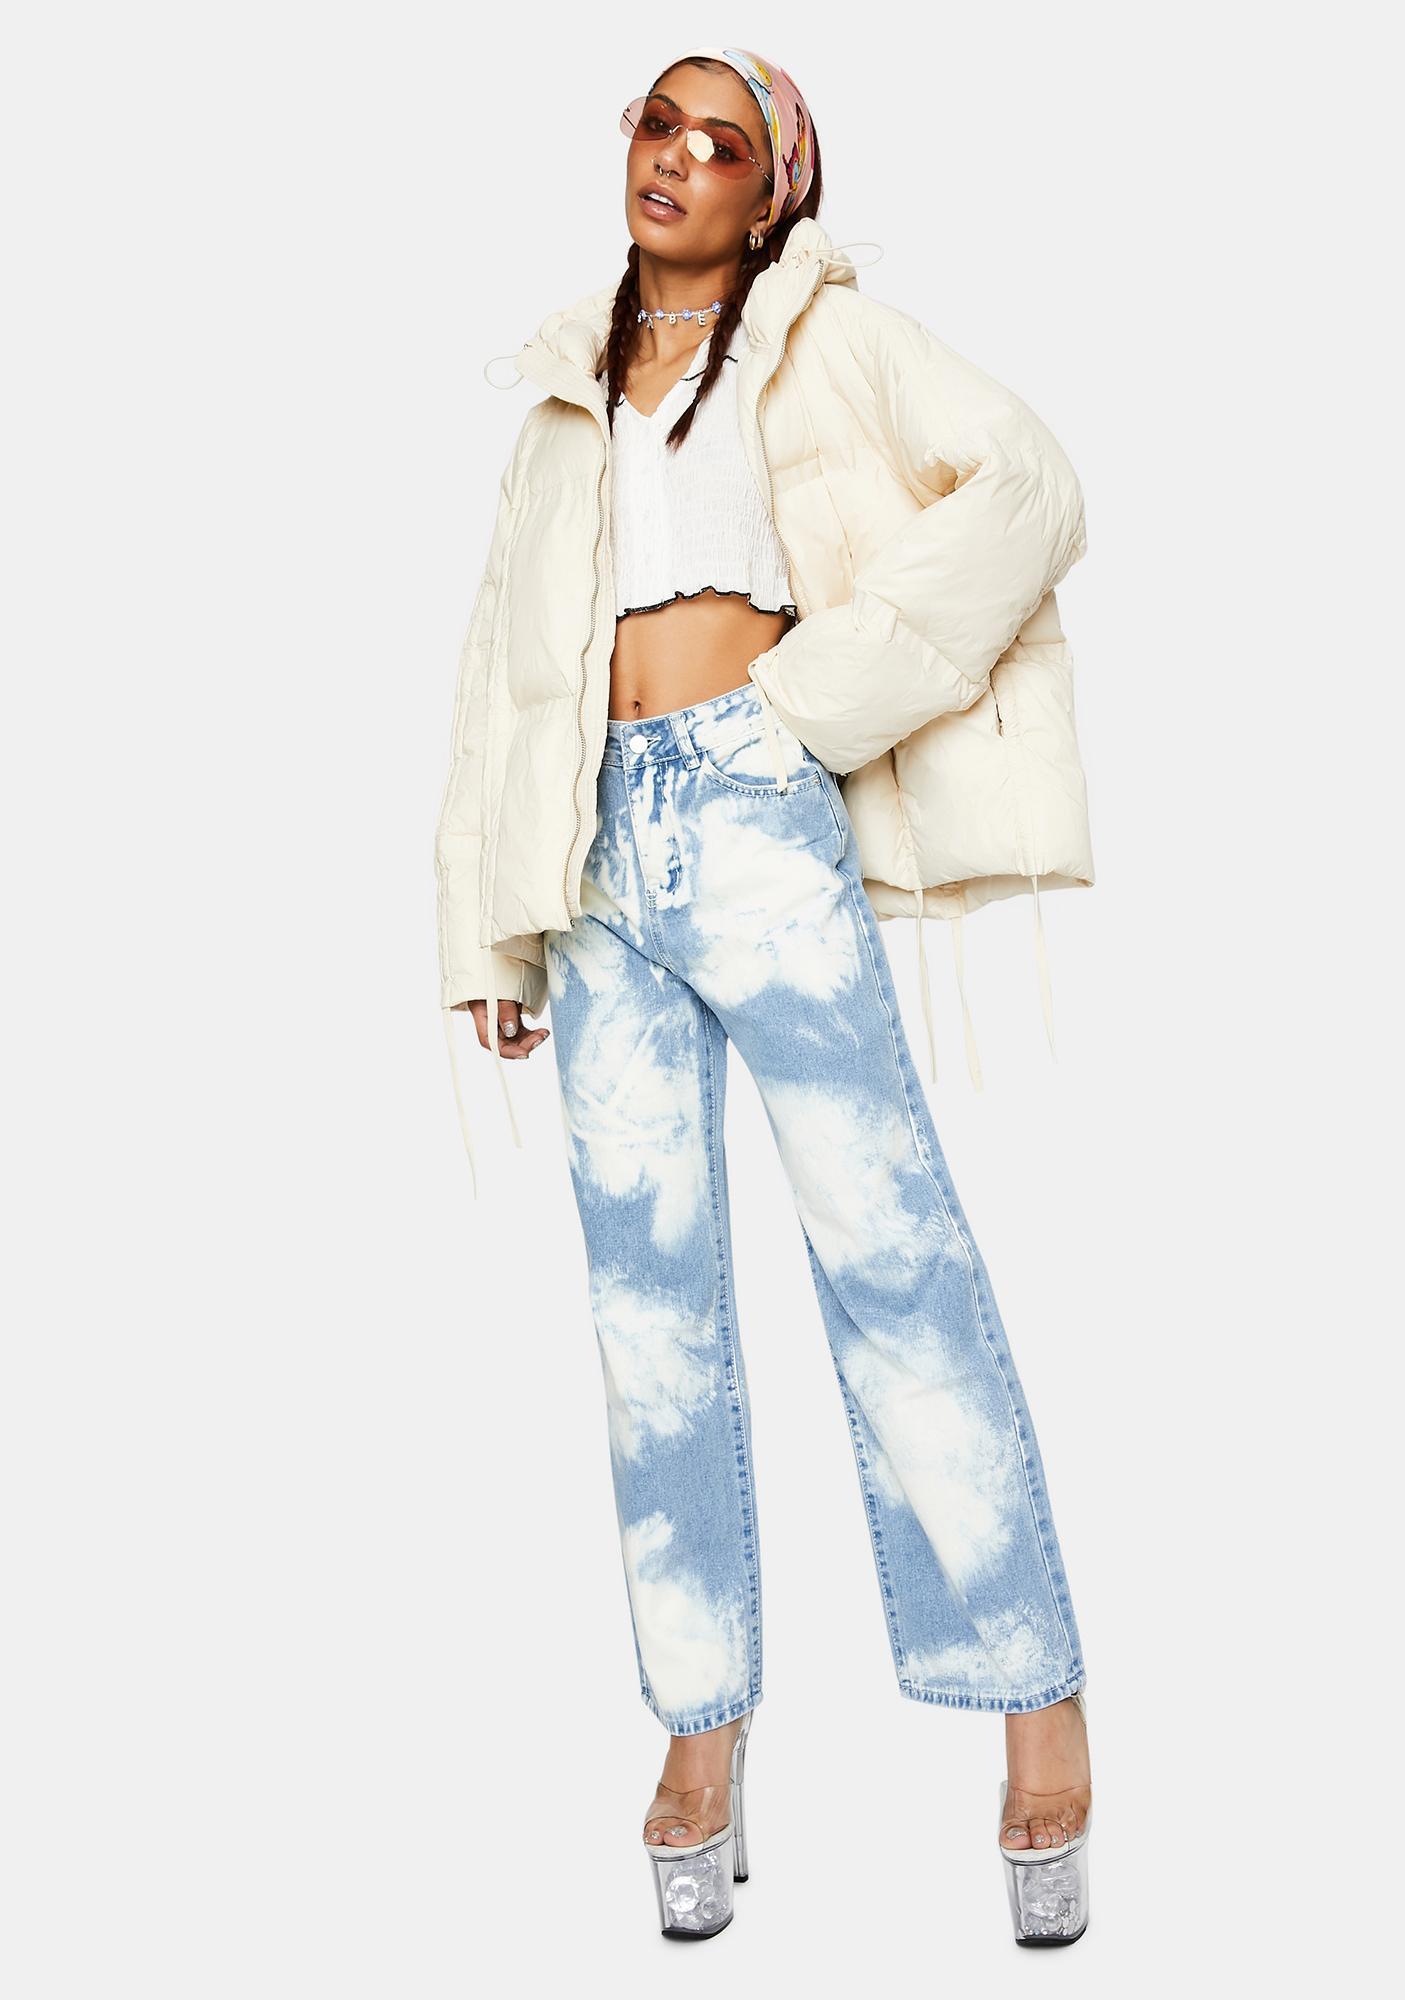 ZEMETA Cream Pull Up Puffer Jacket